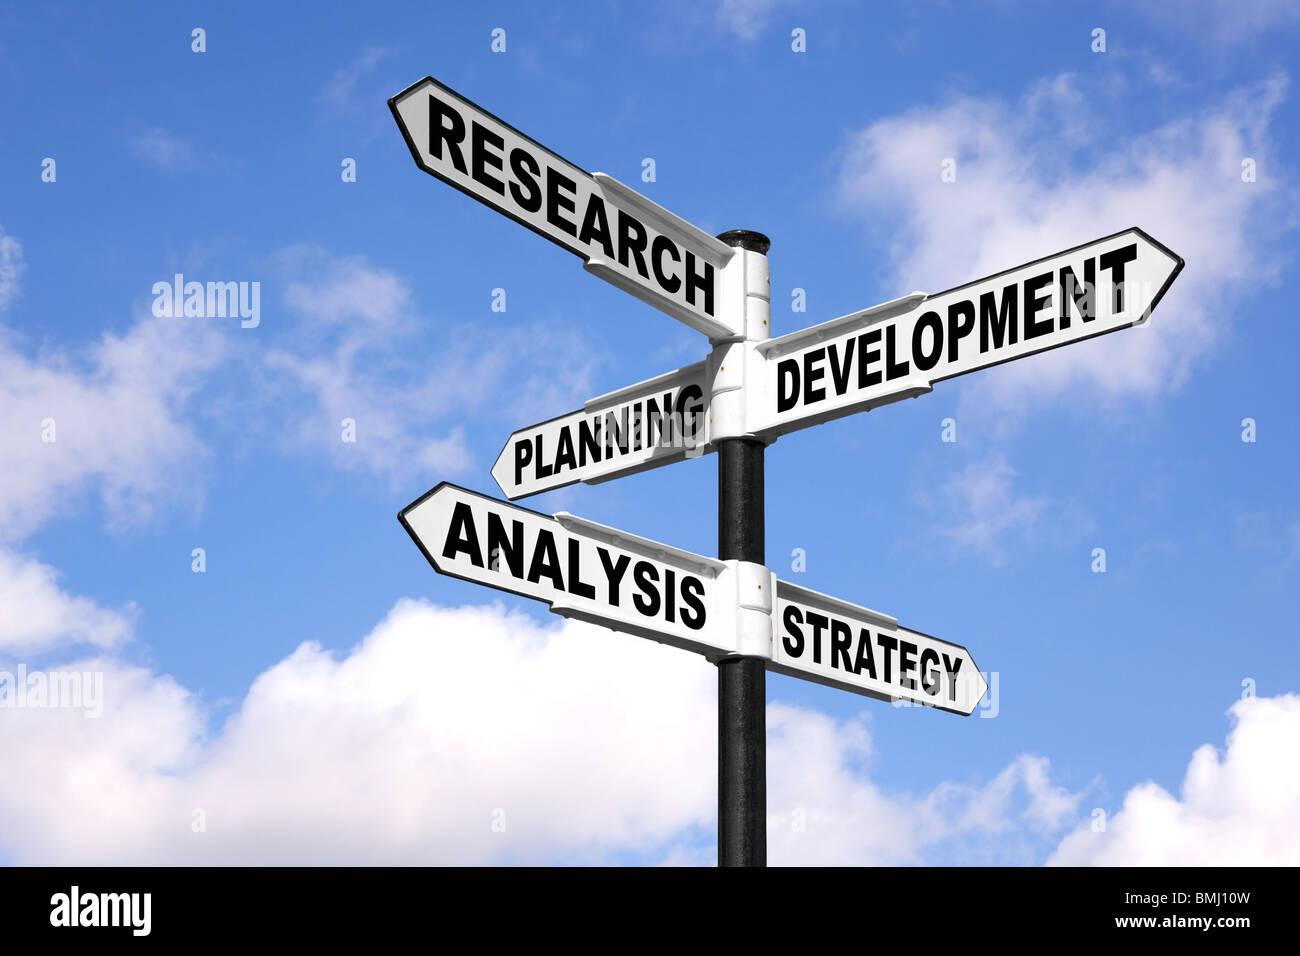 Forschung und Entwicklung Konzept Wegweiser vor einem blauen bewölkten Himmel Stockbild